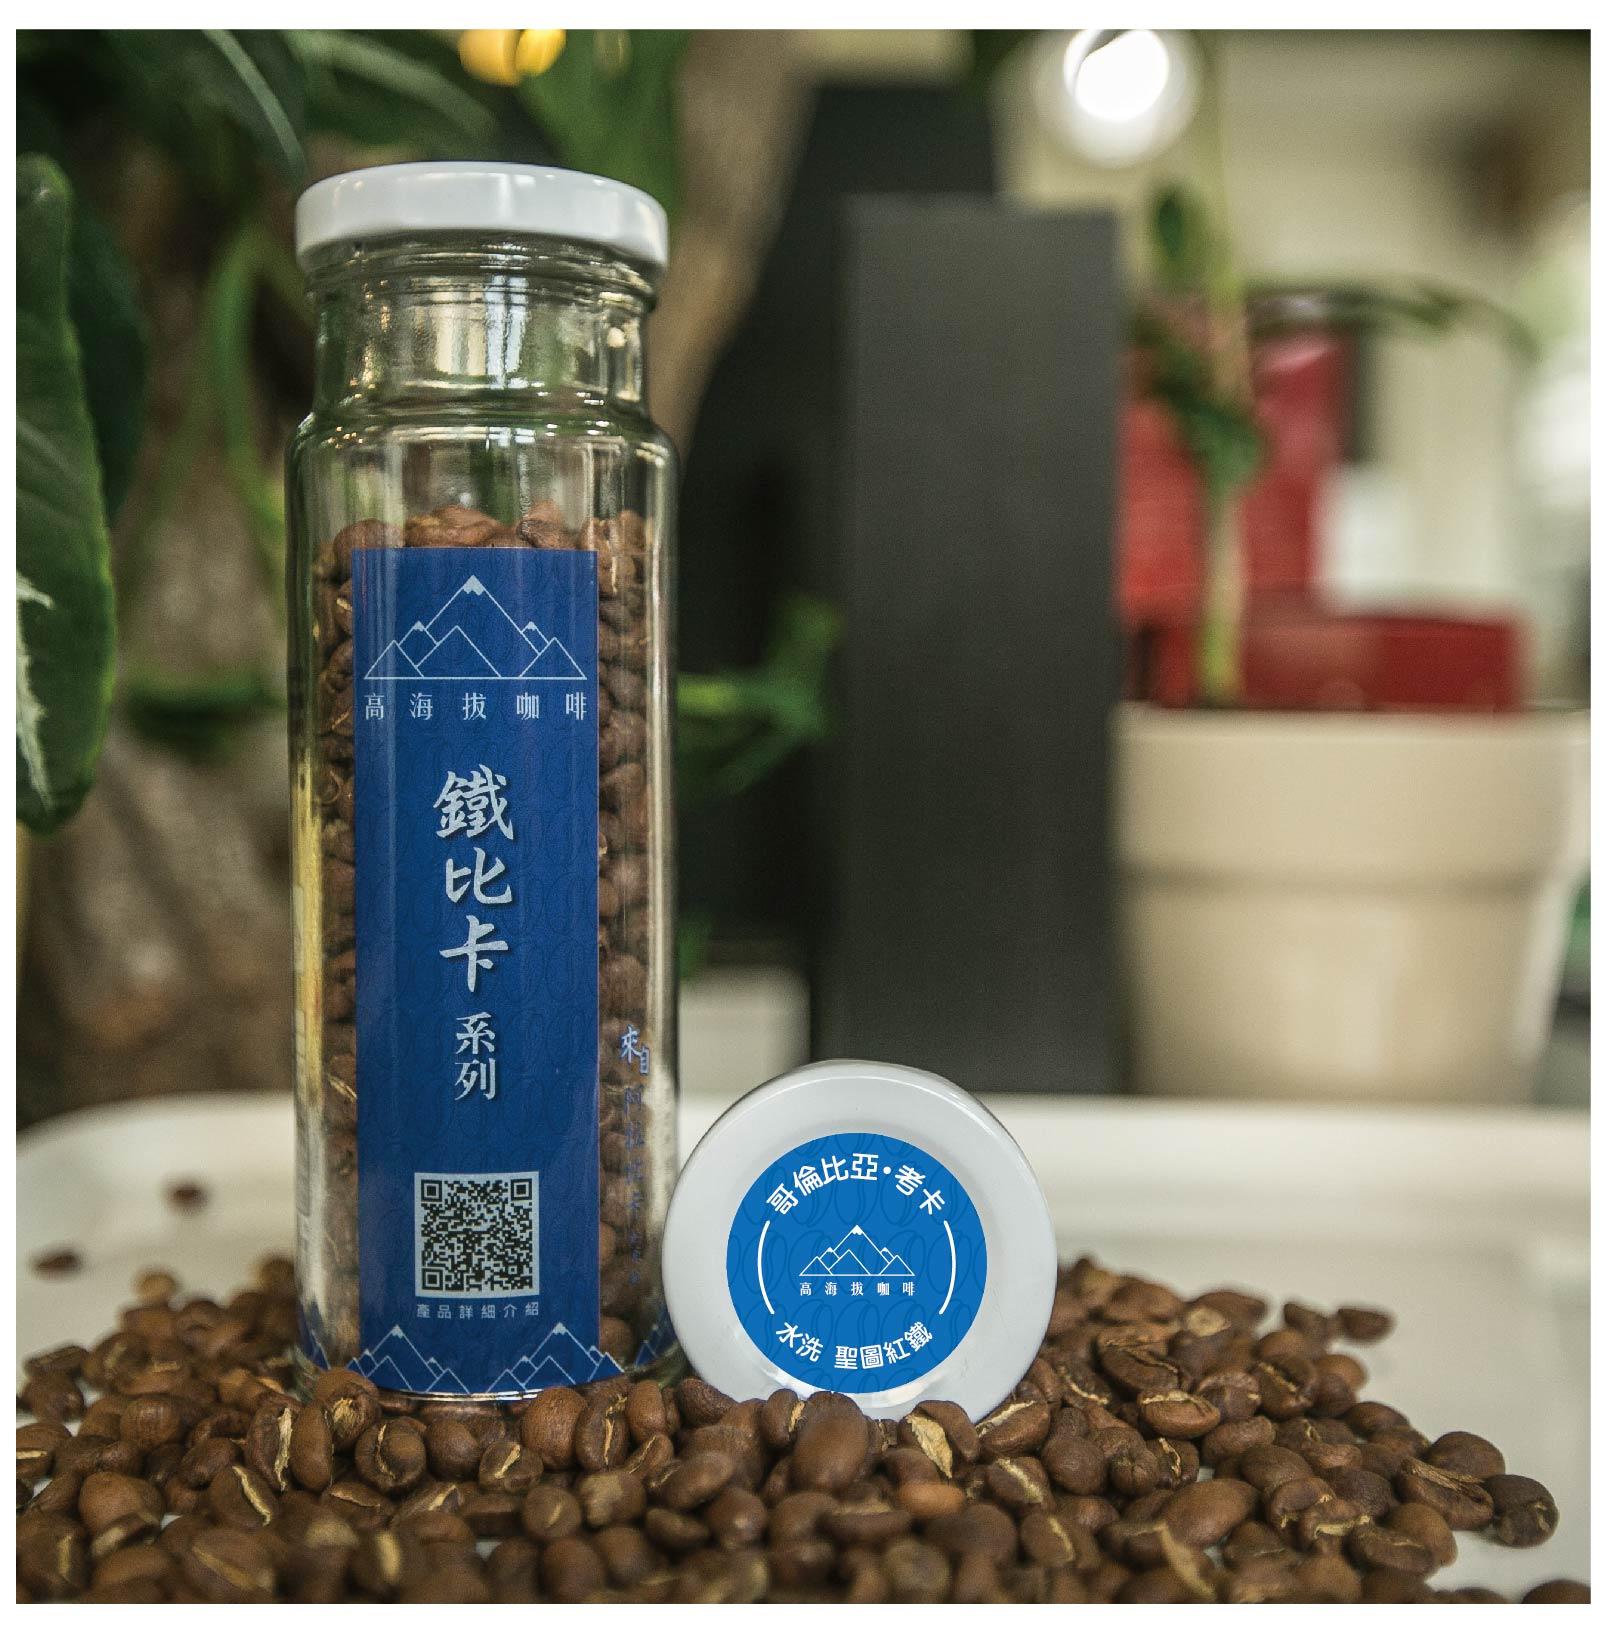 鐵比卡系列/聖圖紅鐵 (1/4磅咖啡豆/1/4磅咖啡粉/浸泡式-10入/掛耳式-10入)